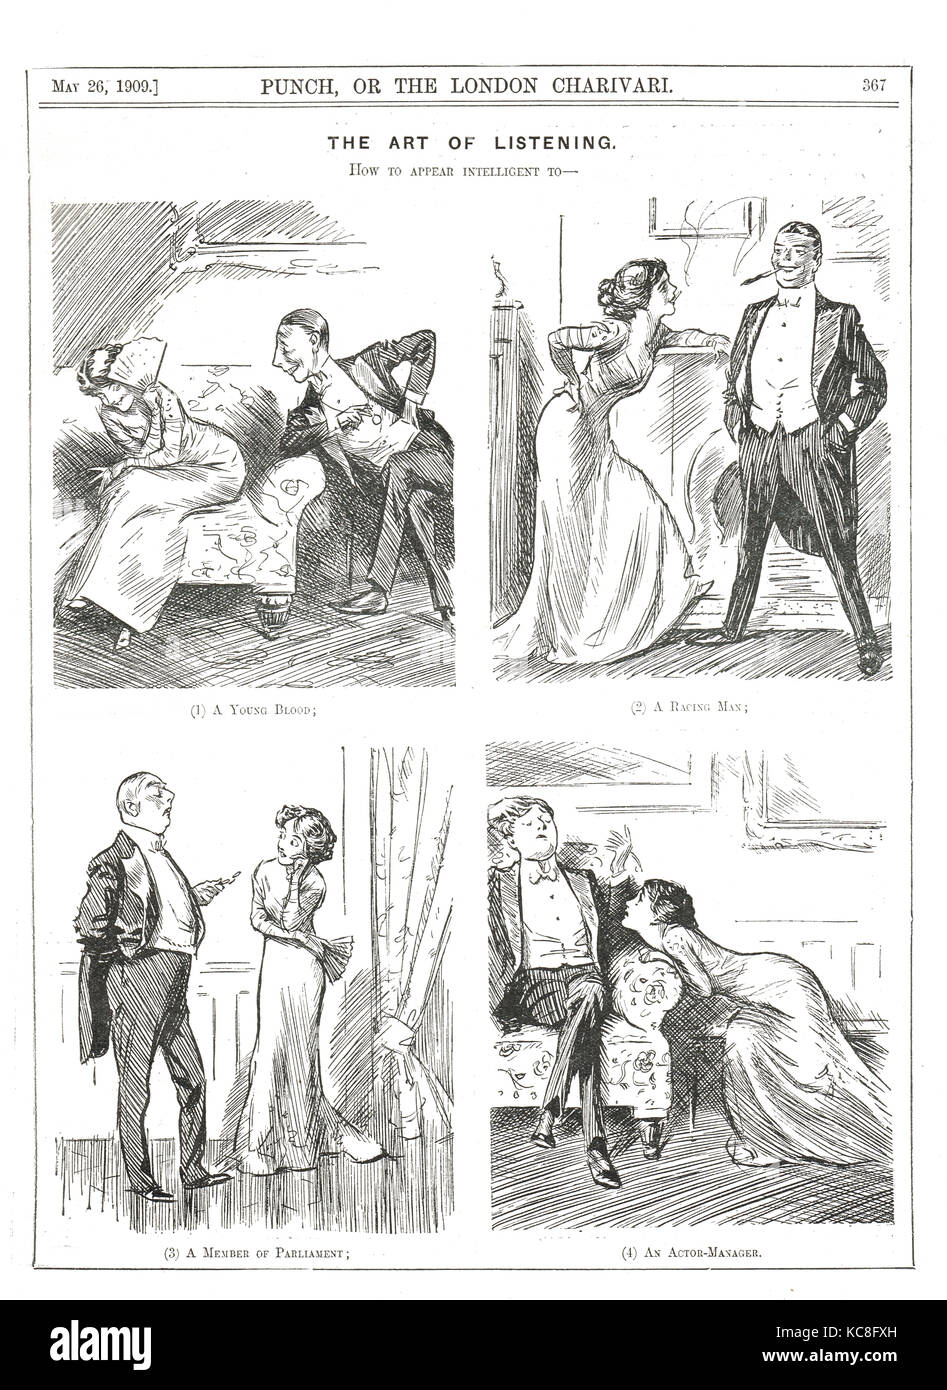 L'arte dell'ascolto, come appaiono intelligente per diversi uomini, punch cartoon, 1909 Immagini Stock